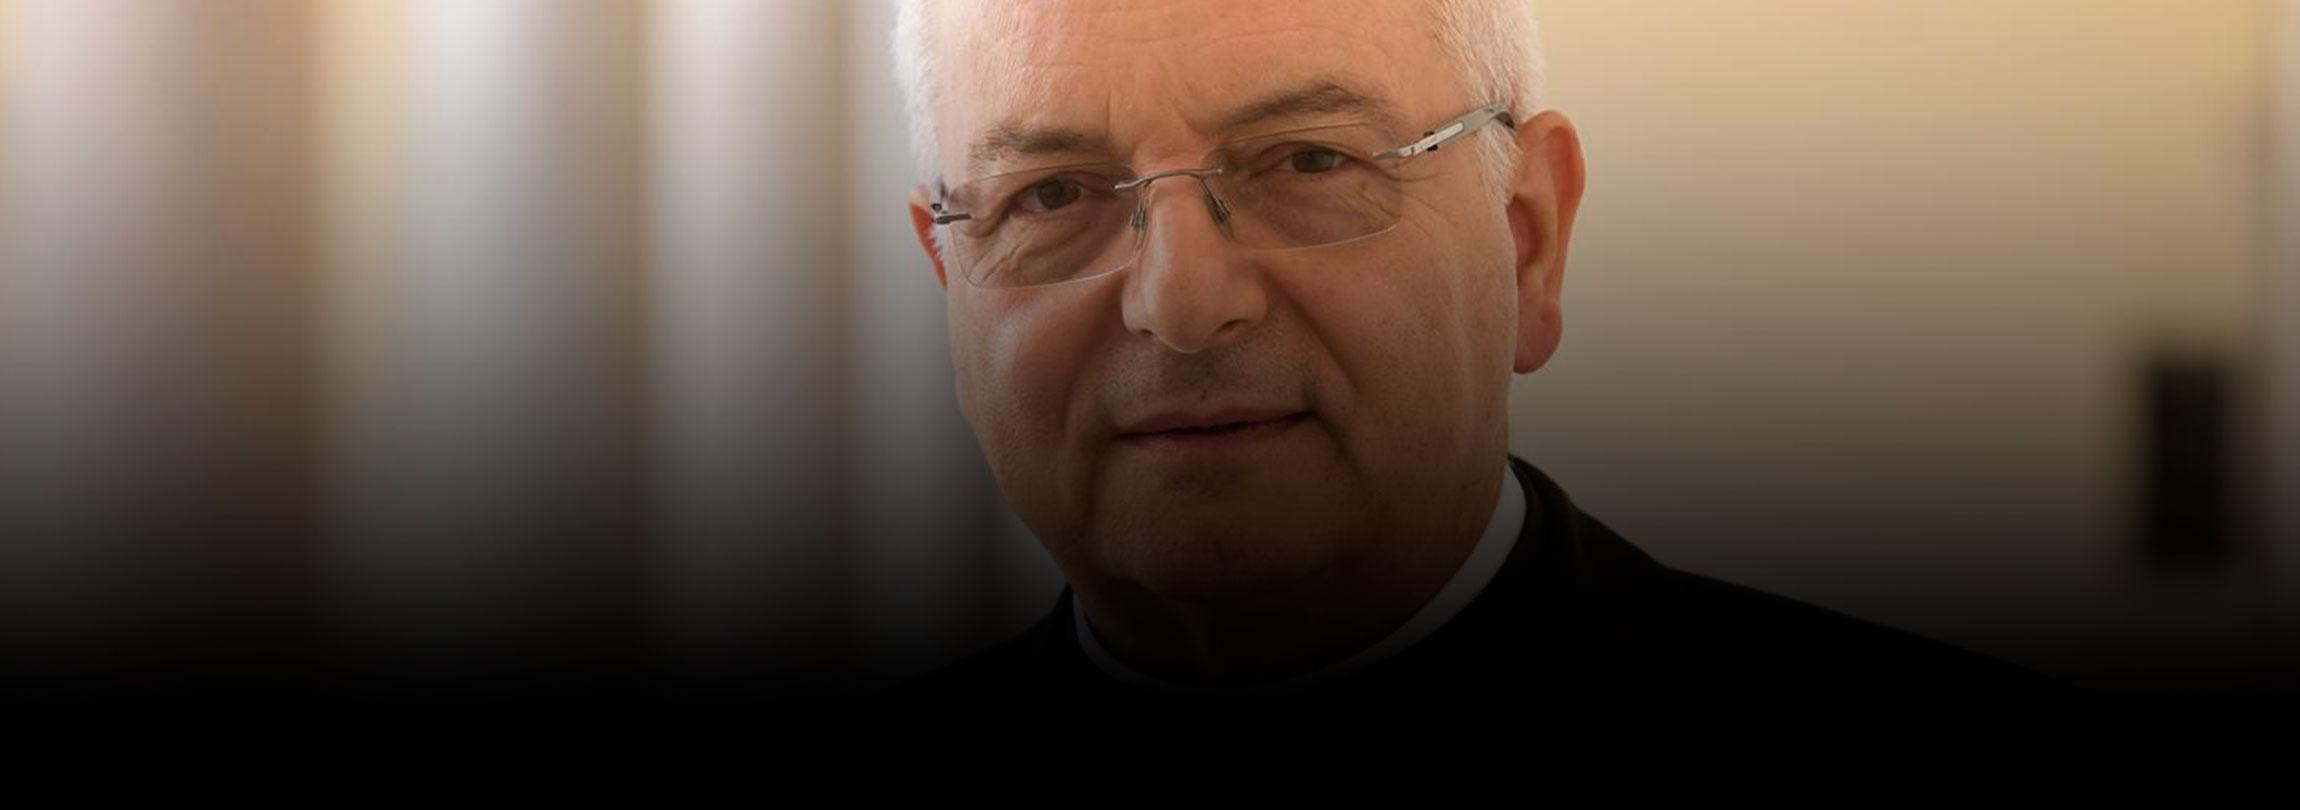 Cardeal Mauro Piacenza fala sobre os 50 anos do Concílio Vaticano II